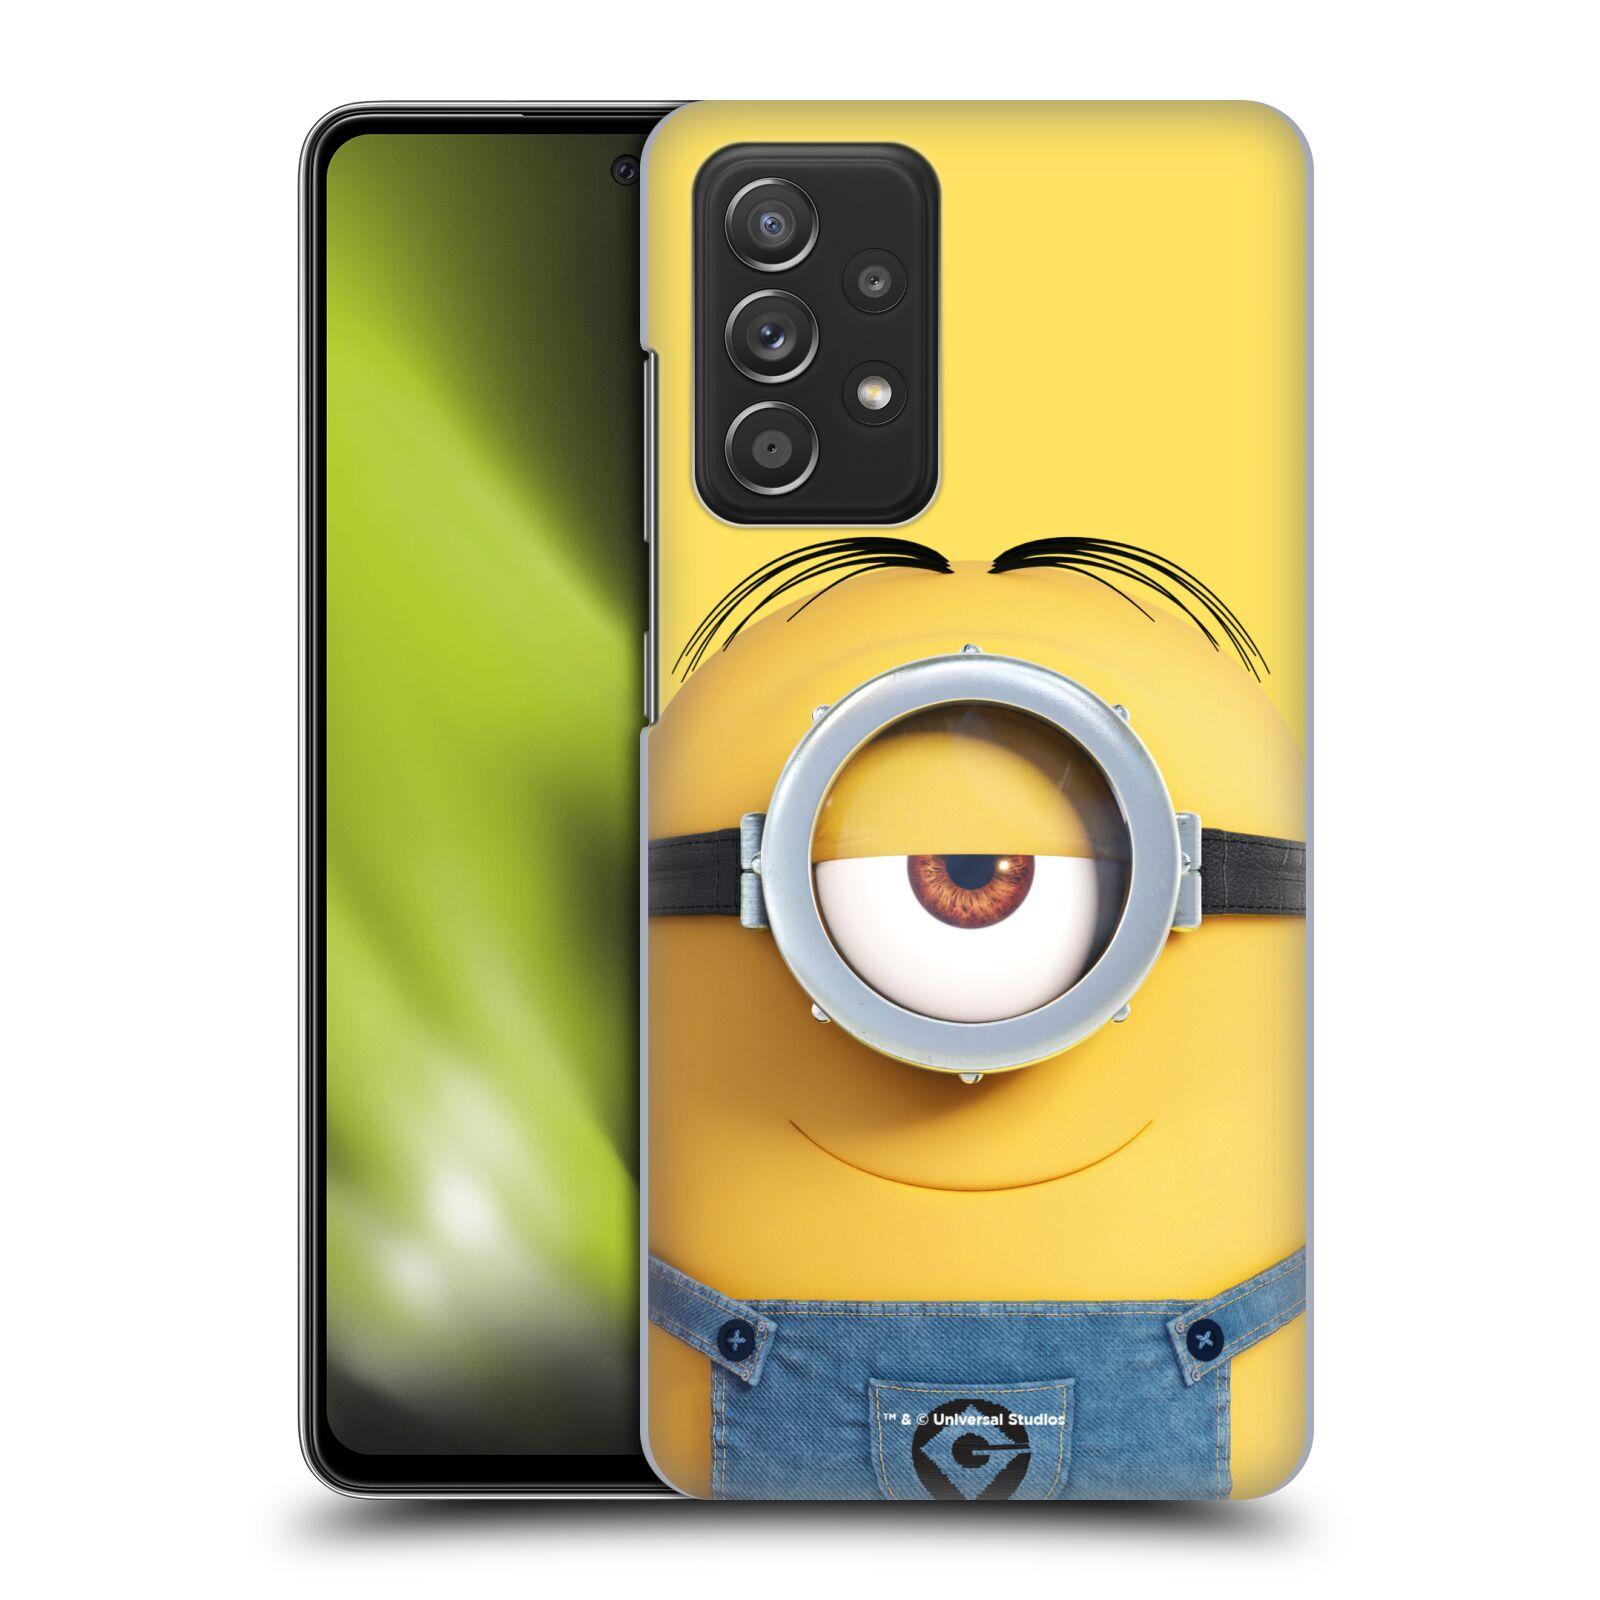 Plastové pouzdro na mobil Samsung Galaxy A52 / A52 5G / A52s 5G - Head Case - Mimoň Stuart z filmu Já, padouch - Despicable Me